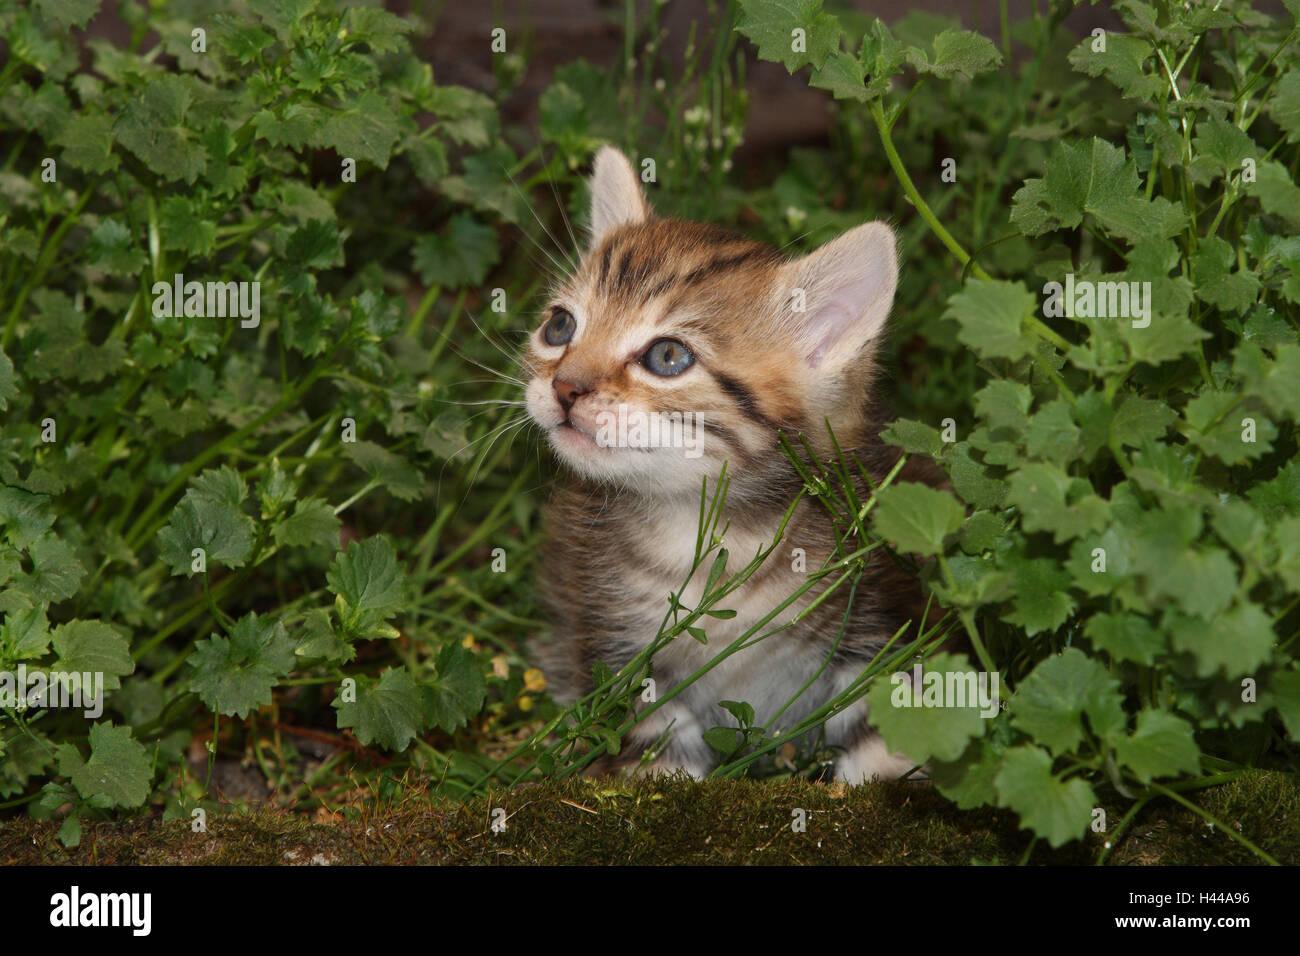 Cat, jeune, s'asseoir, pré, jardin, animaux, mammifères, animaux domestiques, petits chats, félidés, Photo Stock